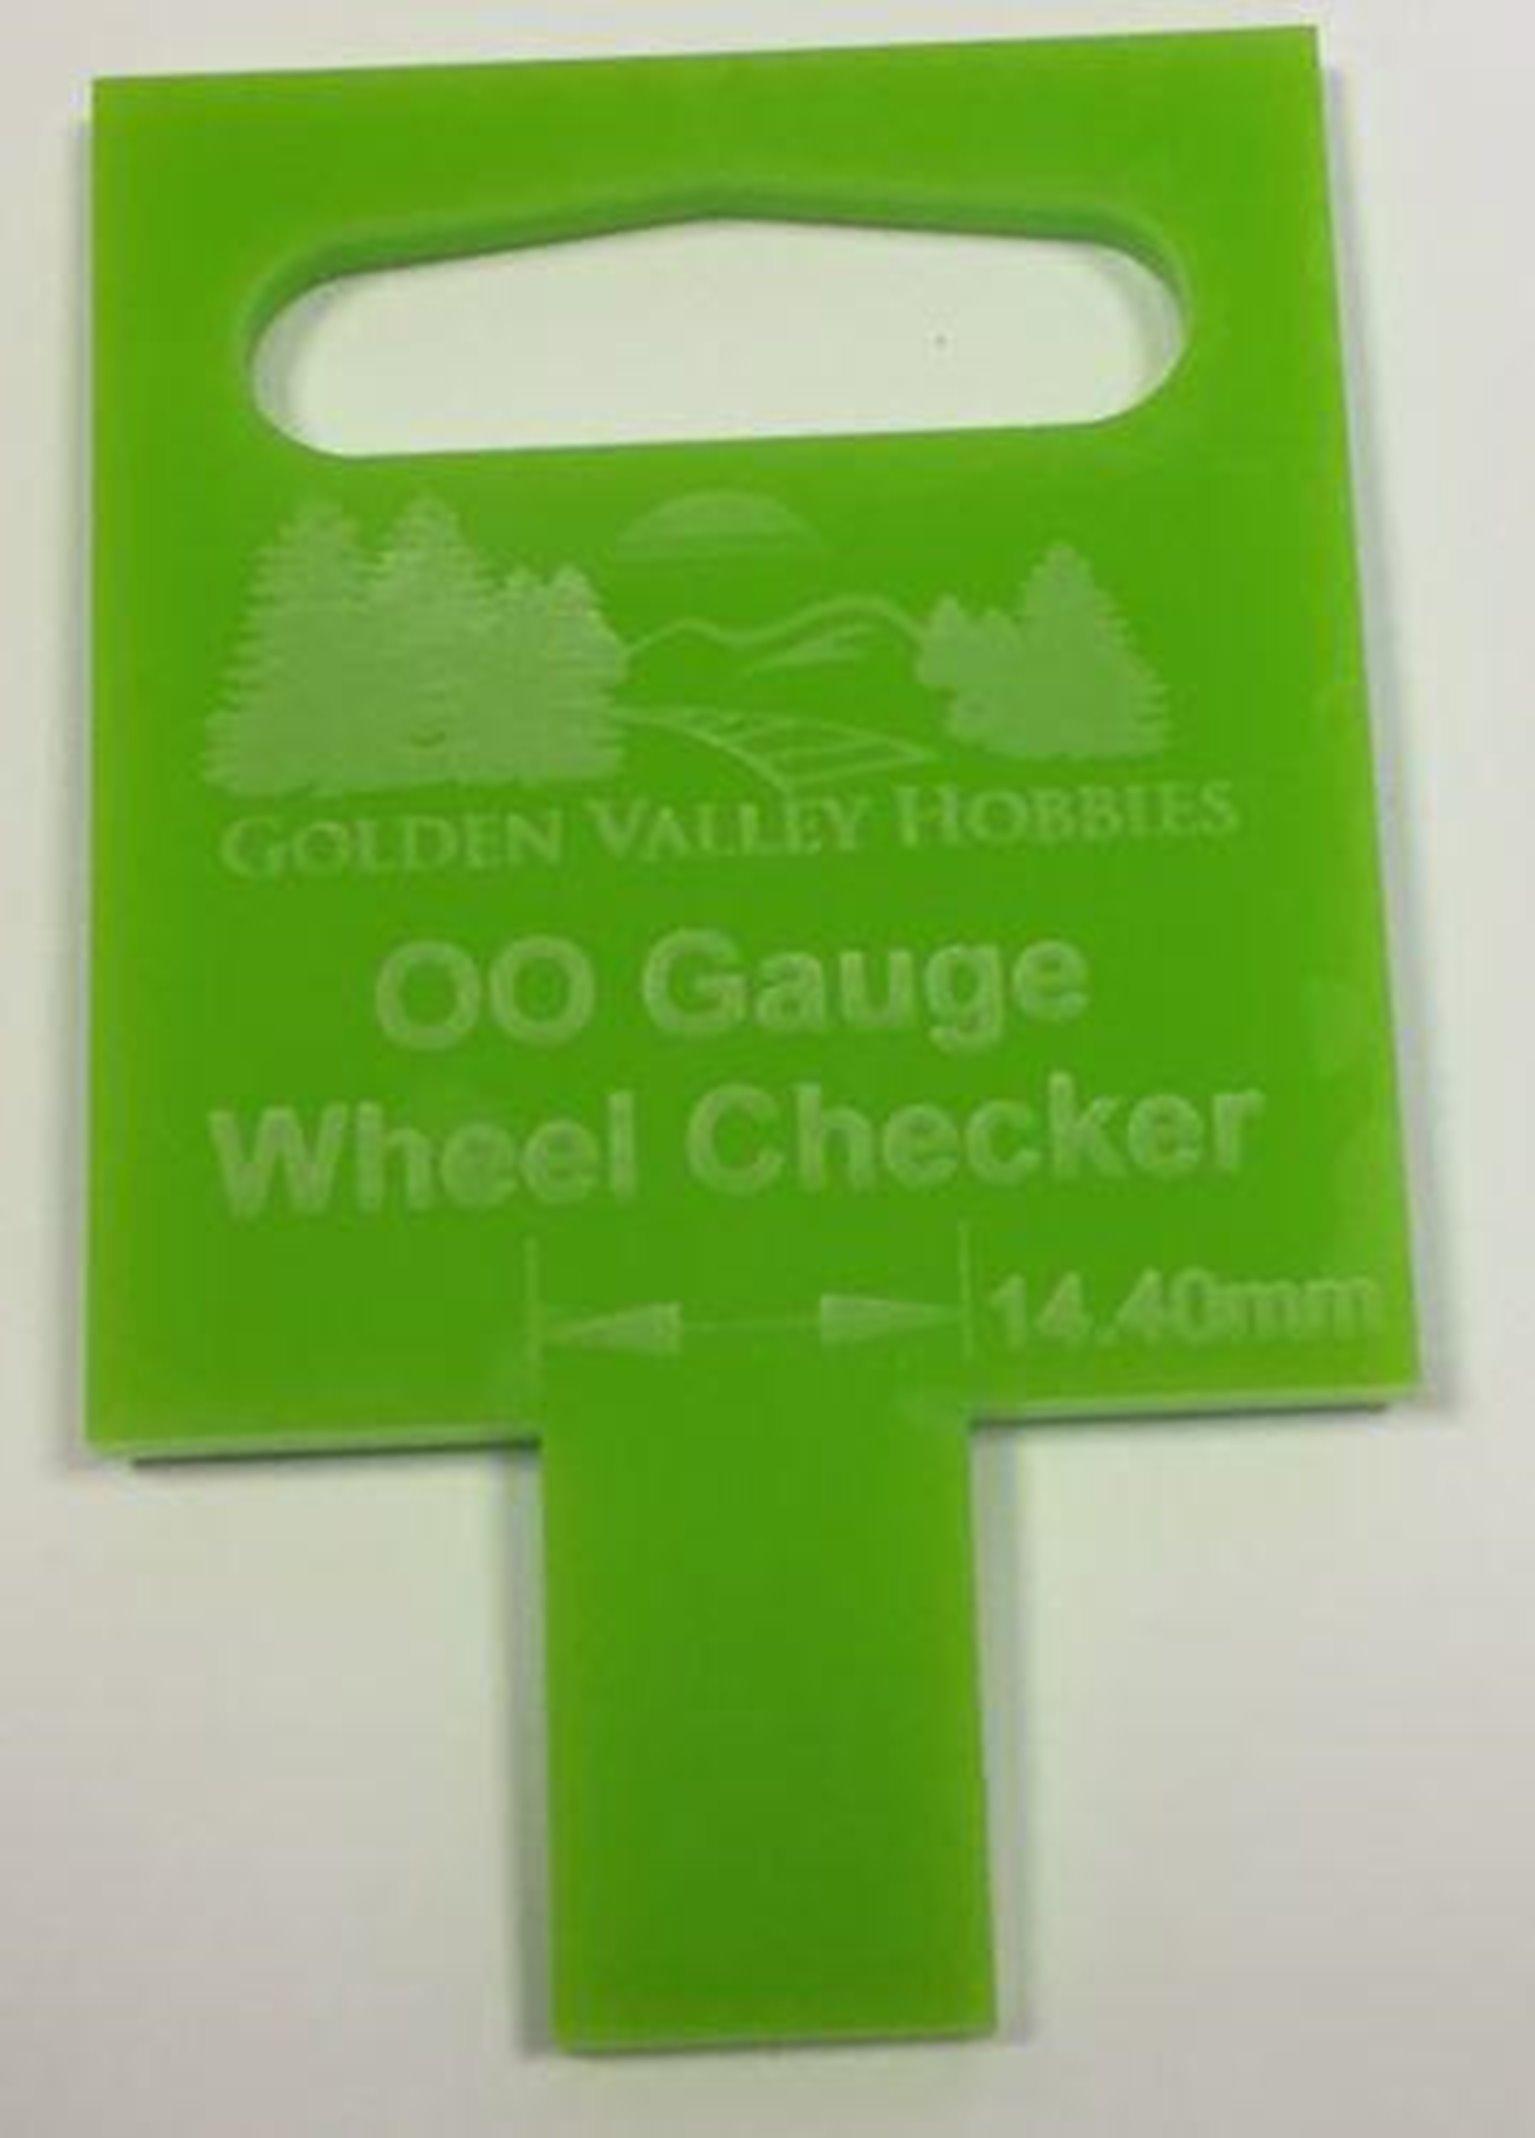 GOLDEN VALLEY HOBBIES GVB2BOO OO GAUGE - BACK 2 BACK WHEEL GAUGE 14.4MM